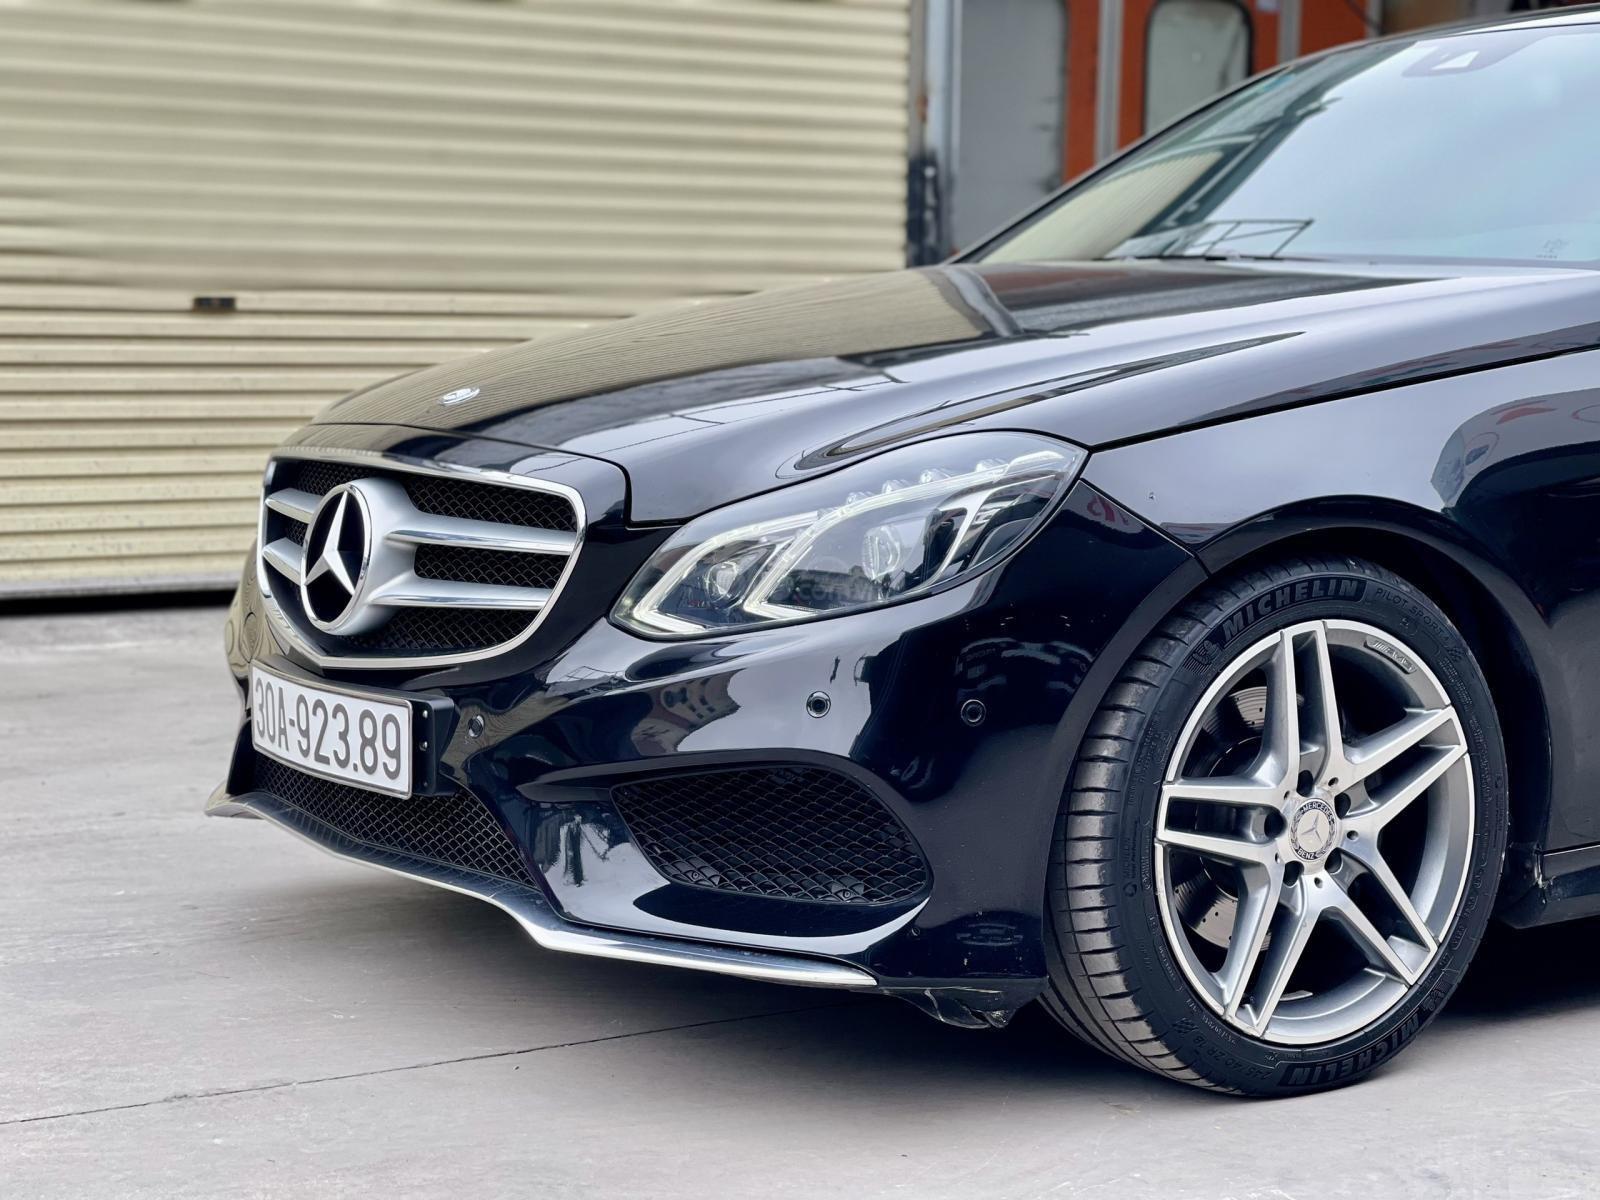 Siêu phẩm Mercedes E250 AMG đi giữ gìn 1 chủ từ đầu (4)